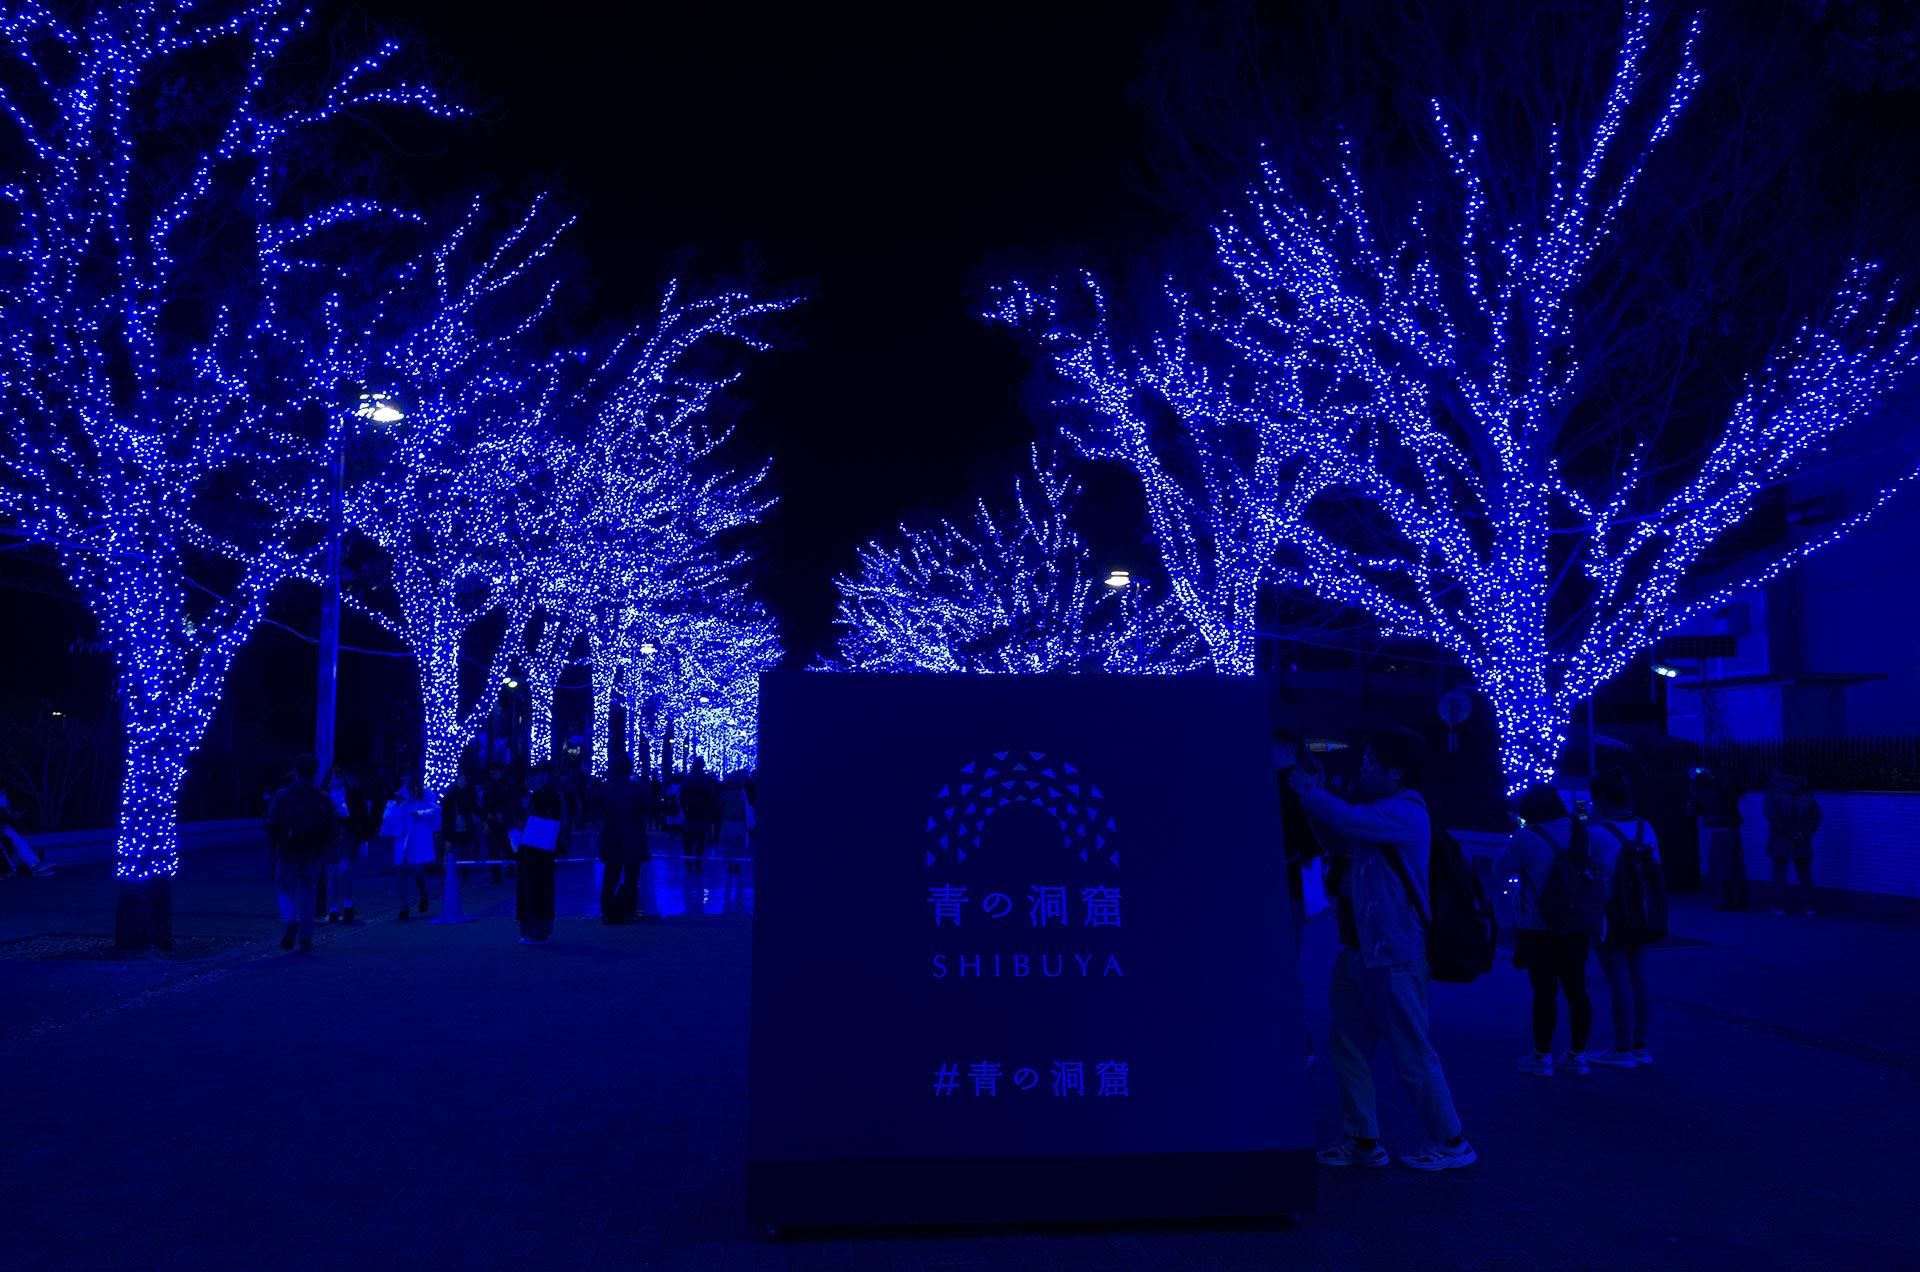 青の洞窟SHIBUYA01